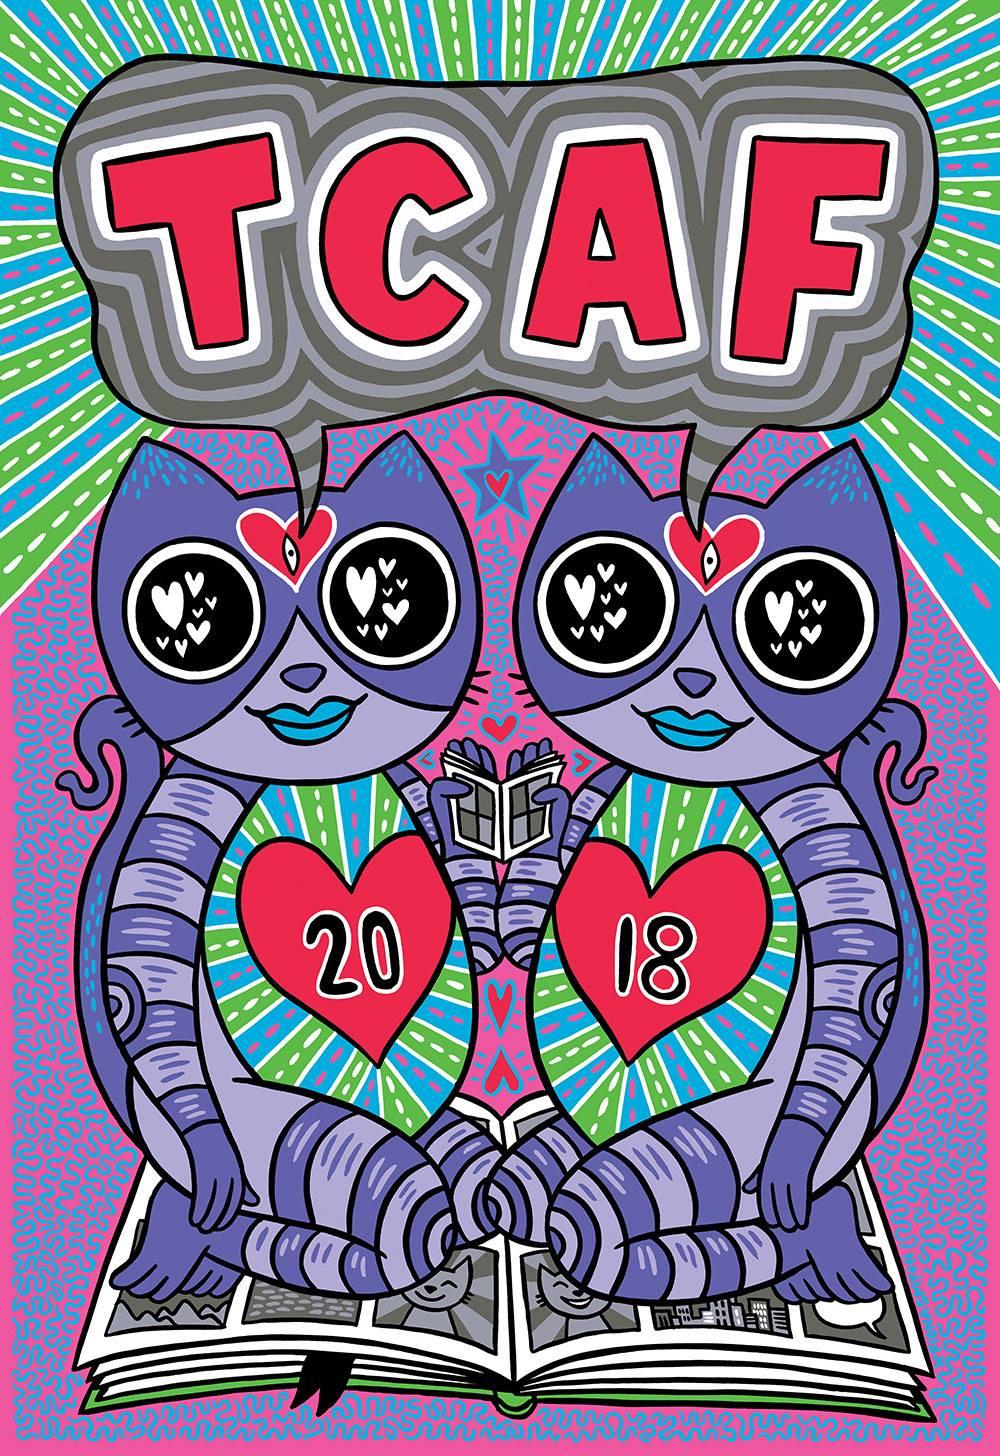 tcaf18.jpg